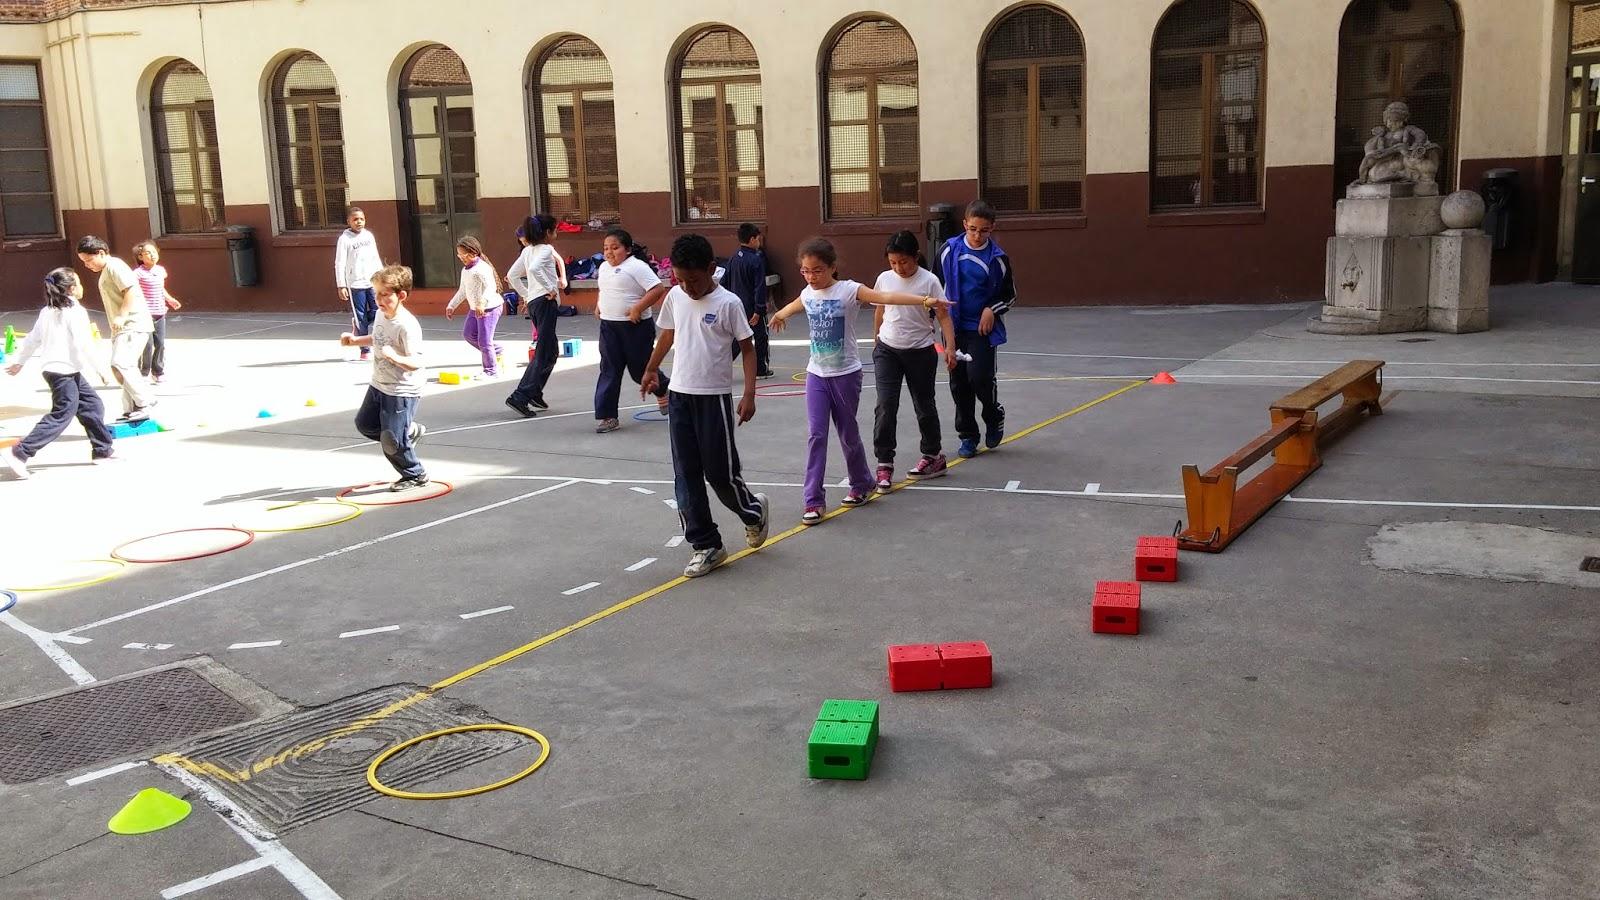 Circuito Juegos Para Niños : La educacion fisica segun tristan trabajando